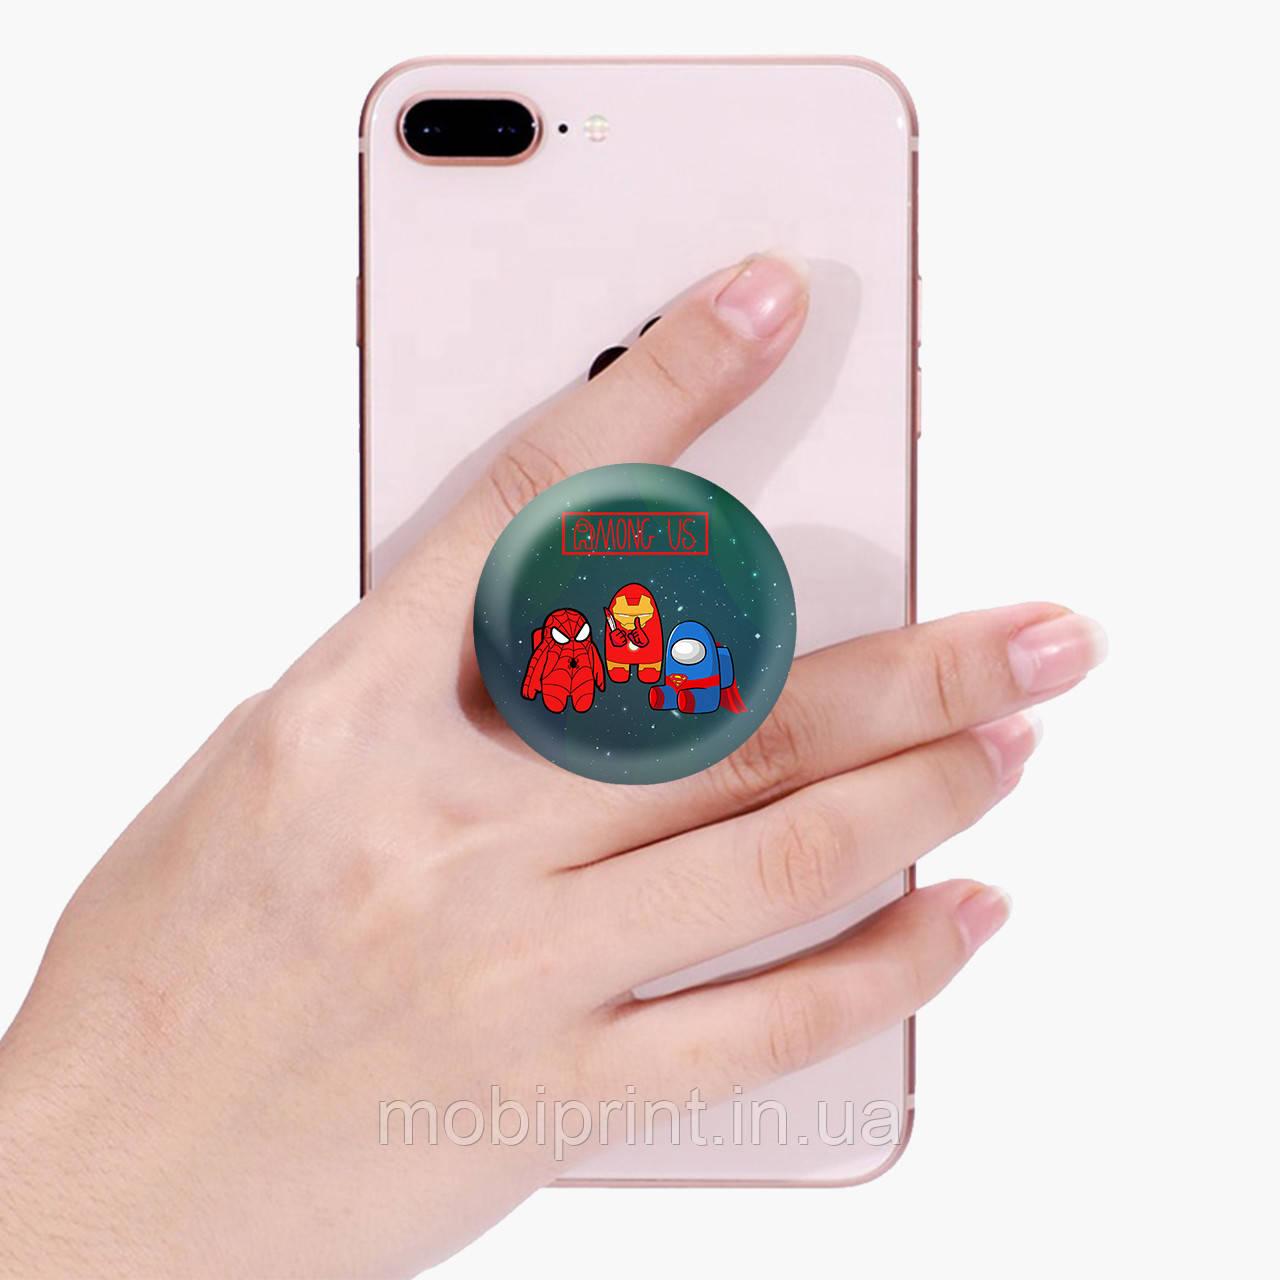 Попсокет (Popsockets) держатель для смартфона Амонг Ас (Among Us)  (8754-2431)